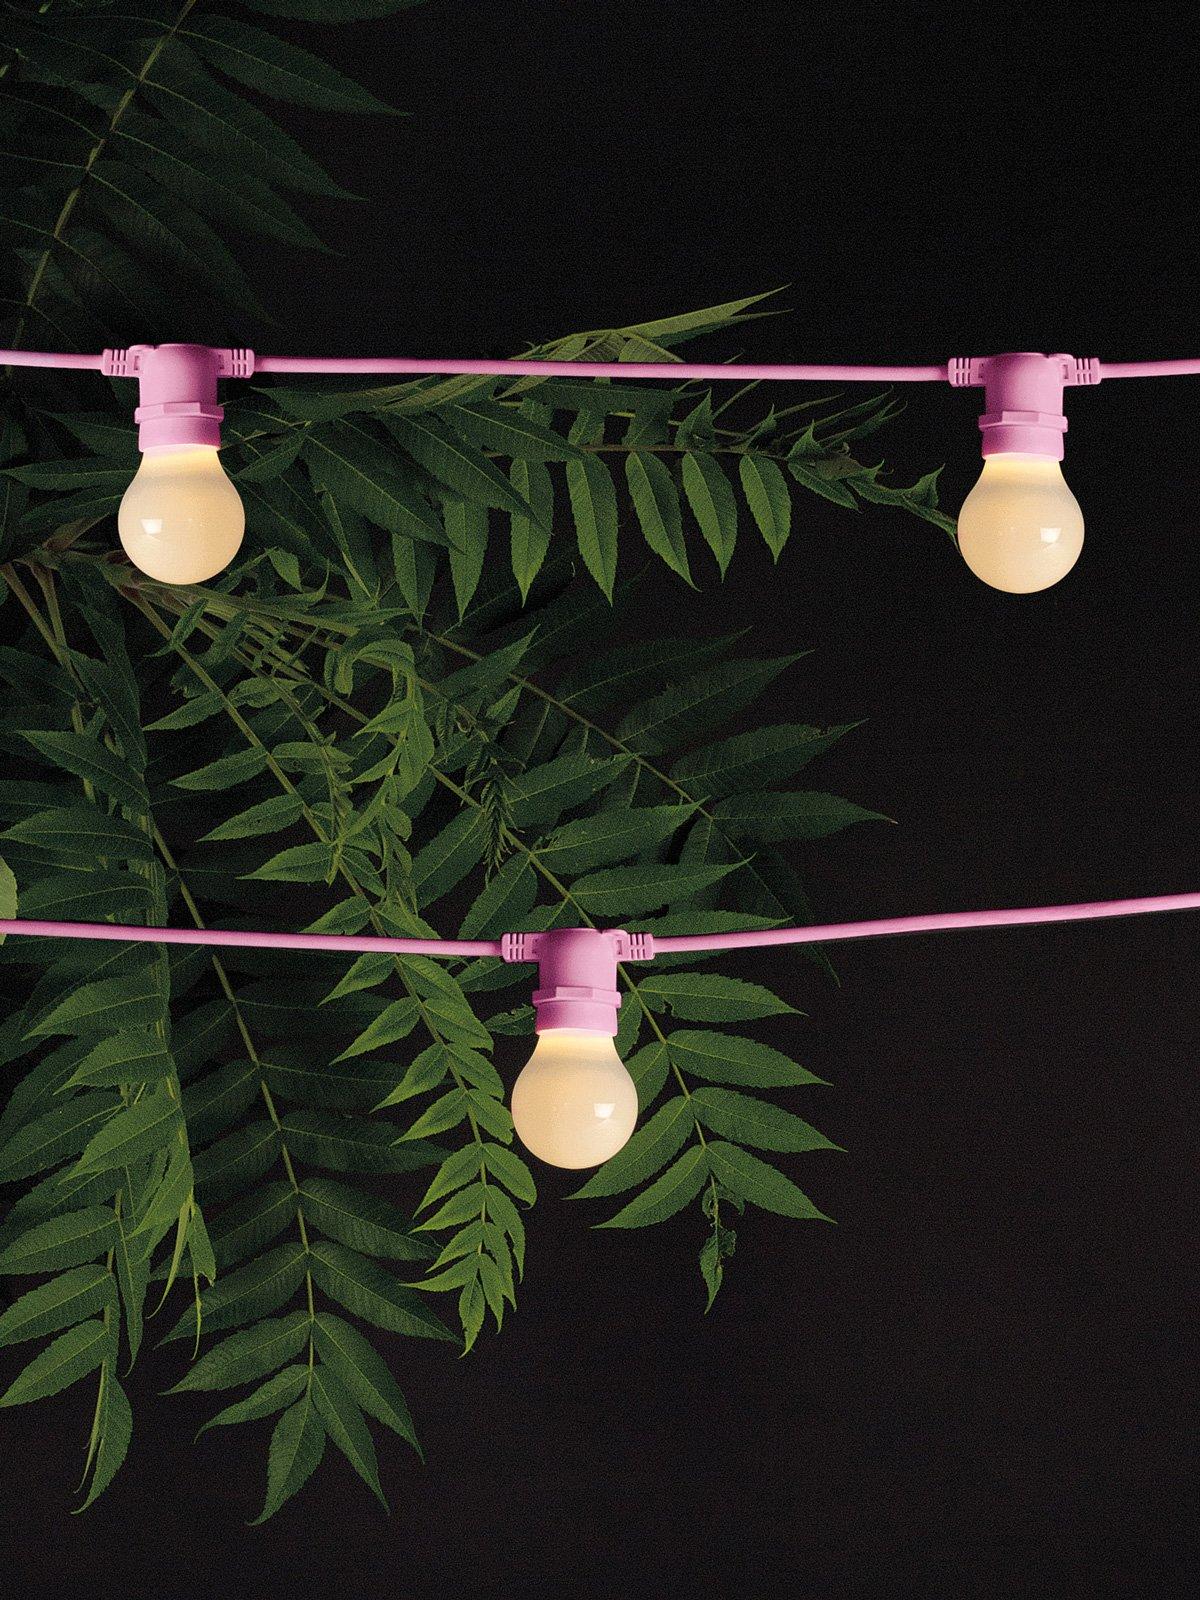 formata da dieci luci: è realizzata in silicone e plastica per ...